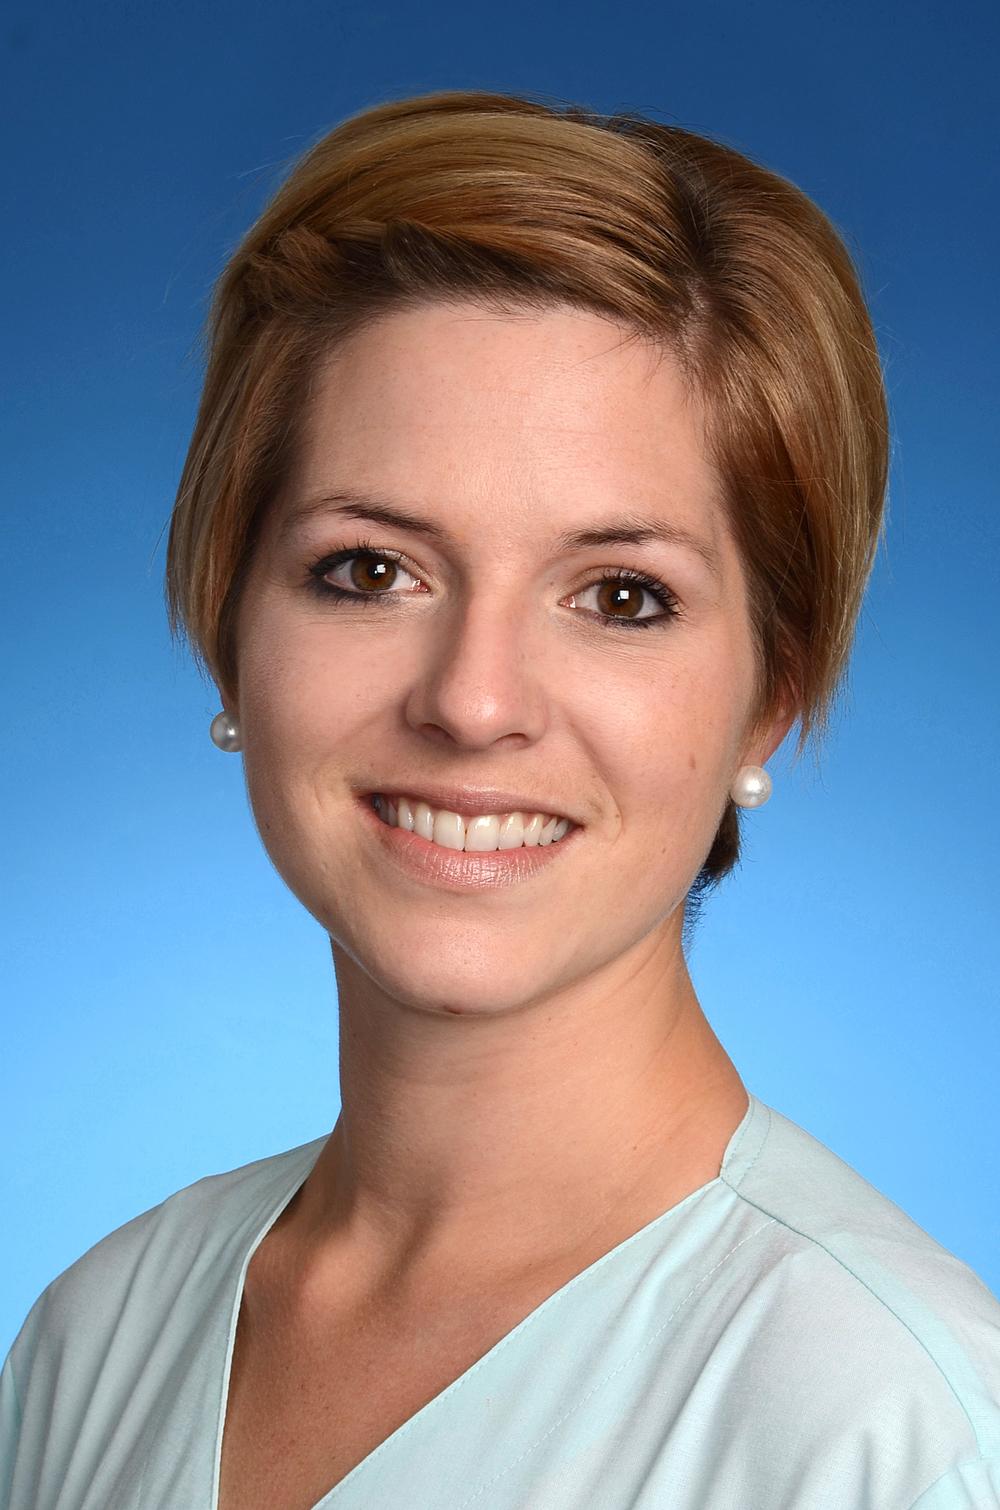 Mrs Marina Kohl